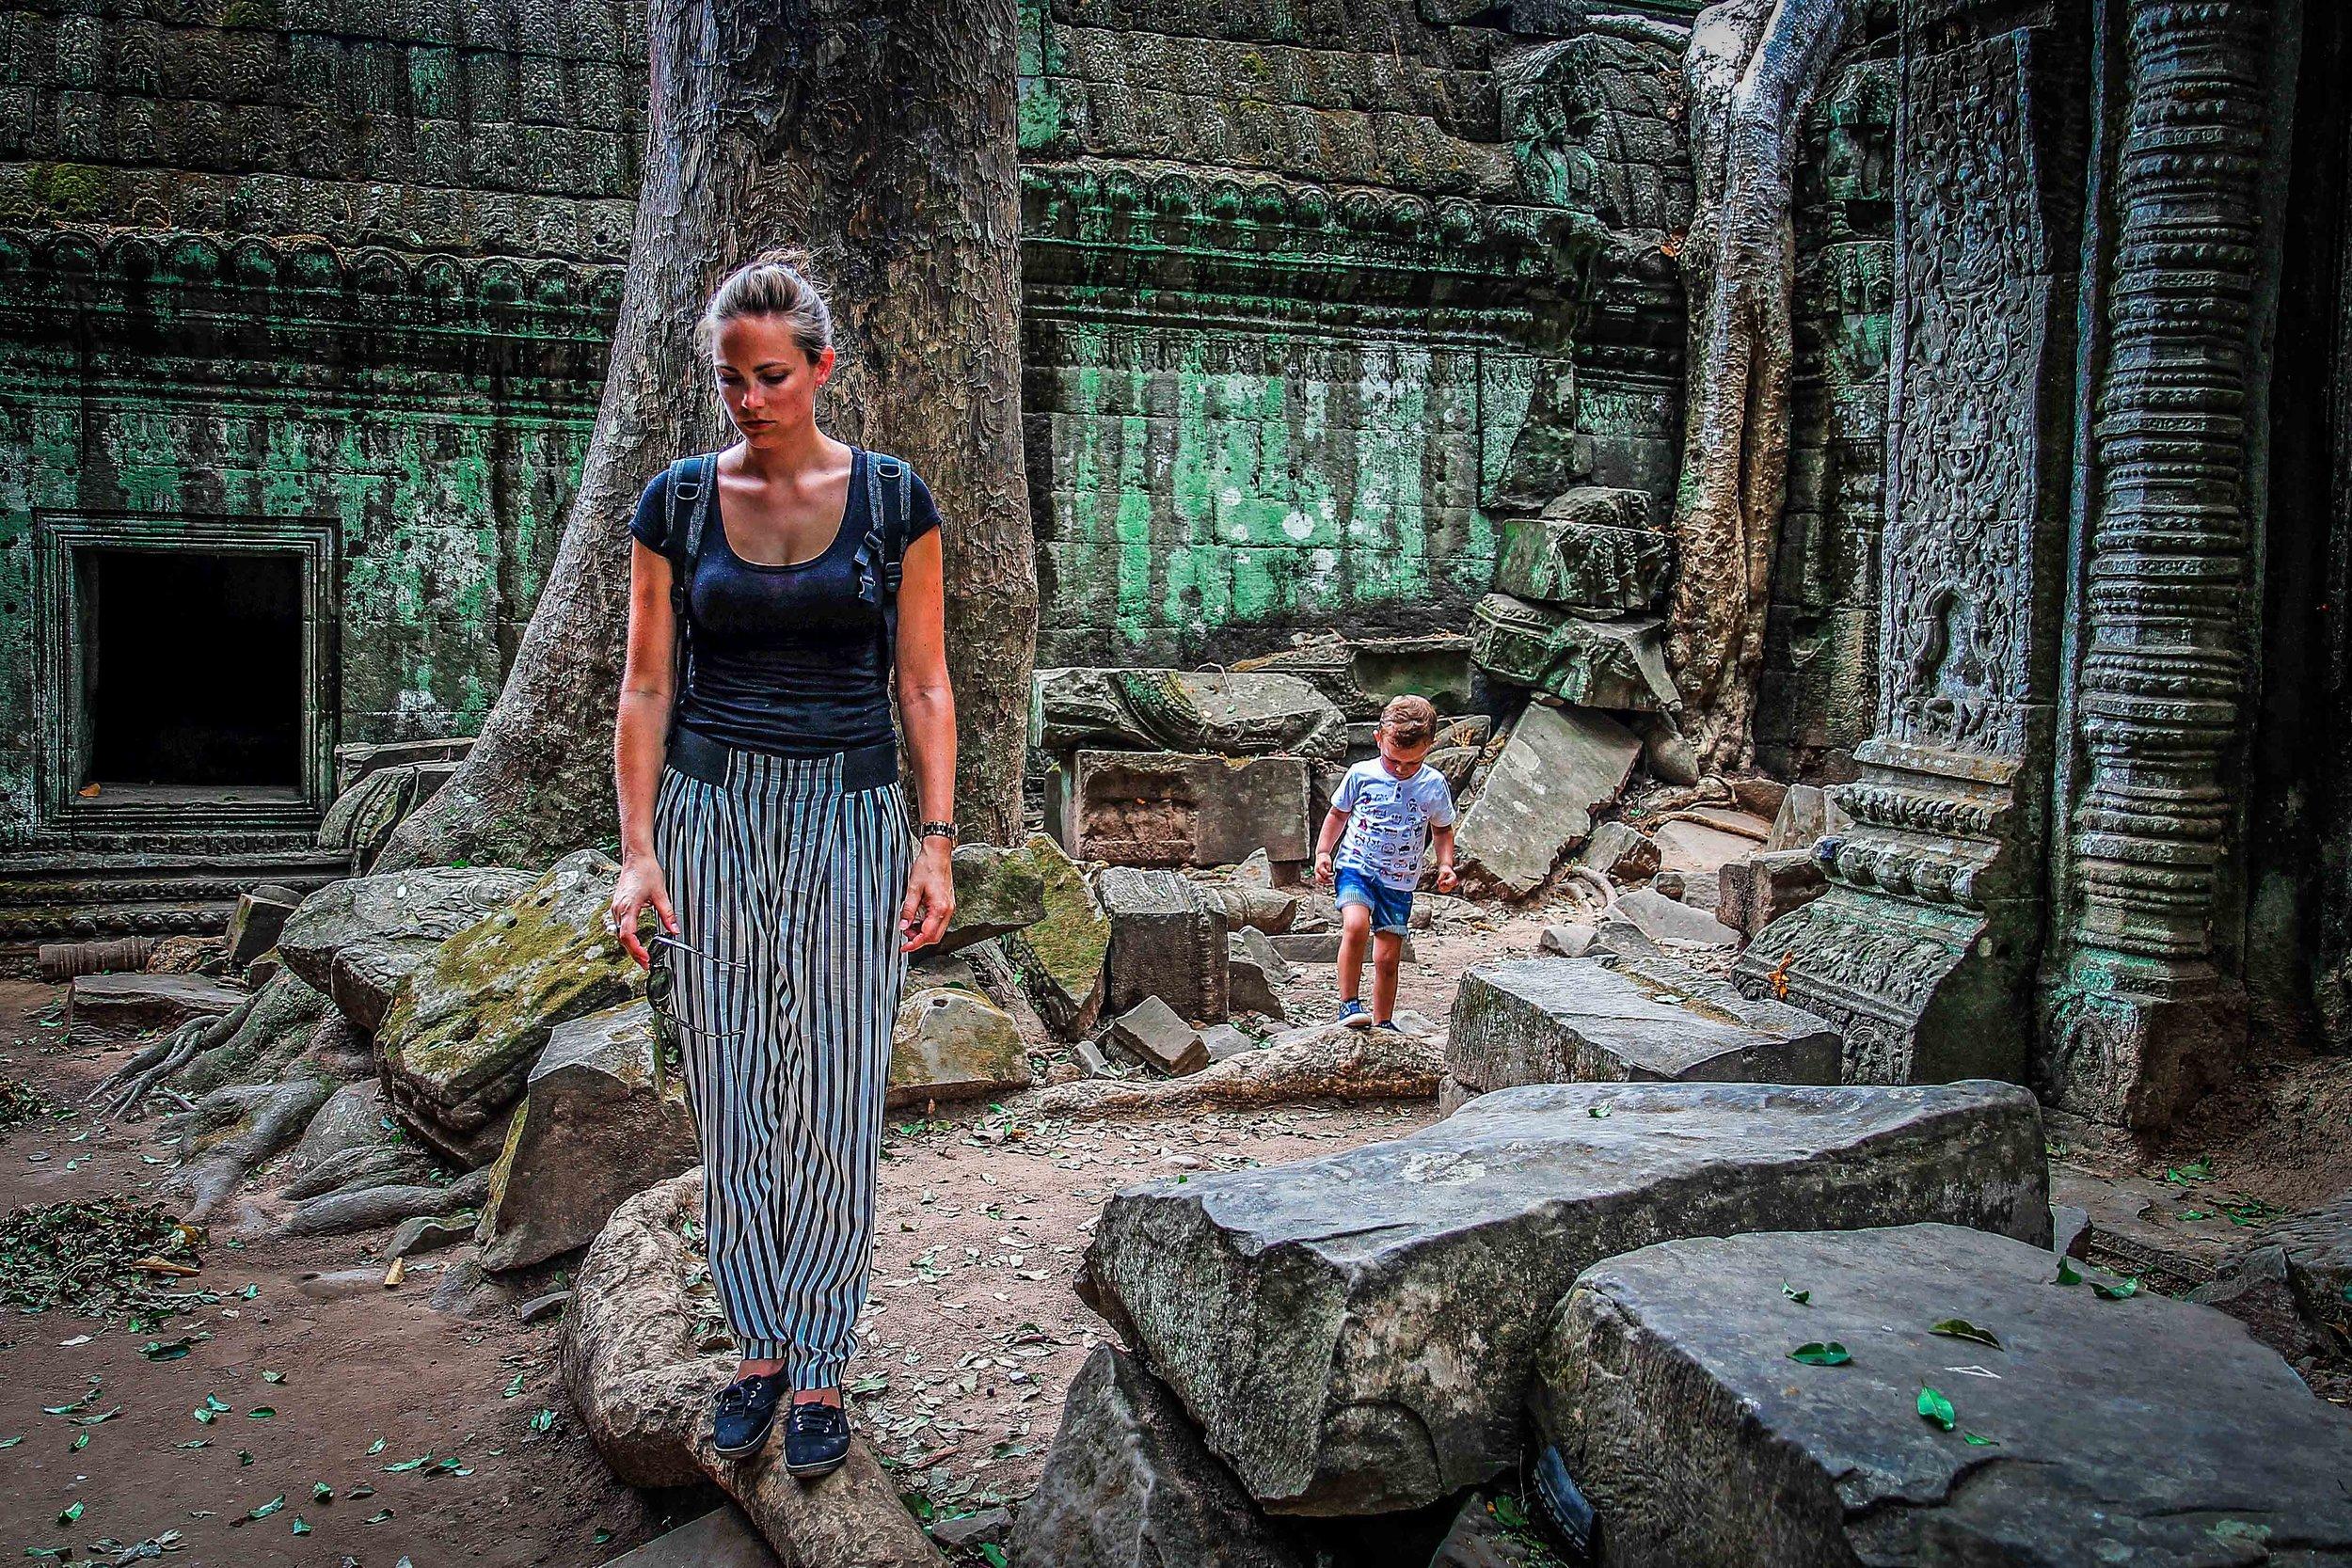 Ankor_wat_cambodia_reizen_met_kinderen-5.jpg